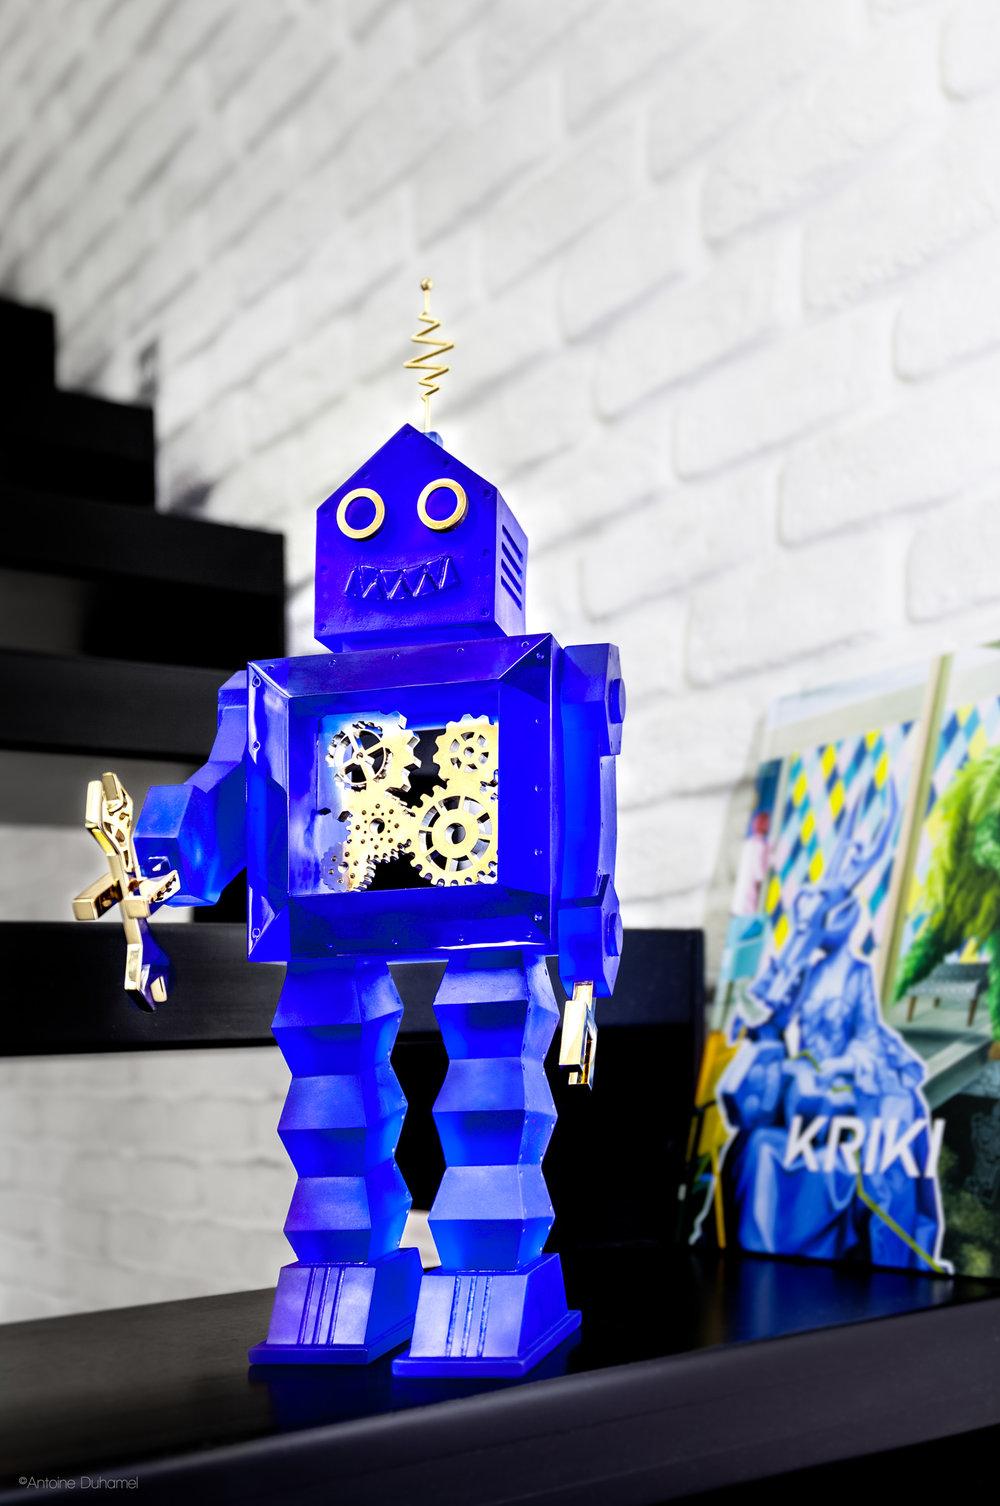 Lifestyle-Robot-Kriki-Escalier.jpg